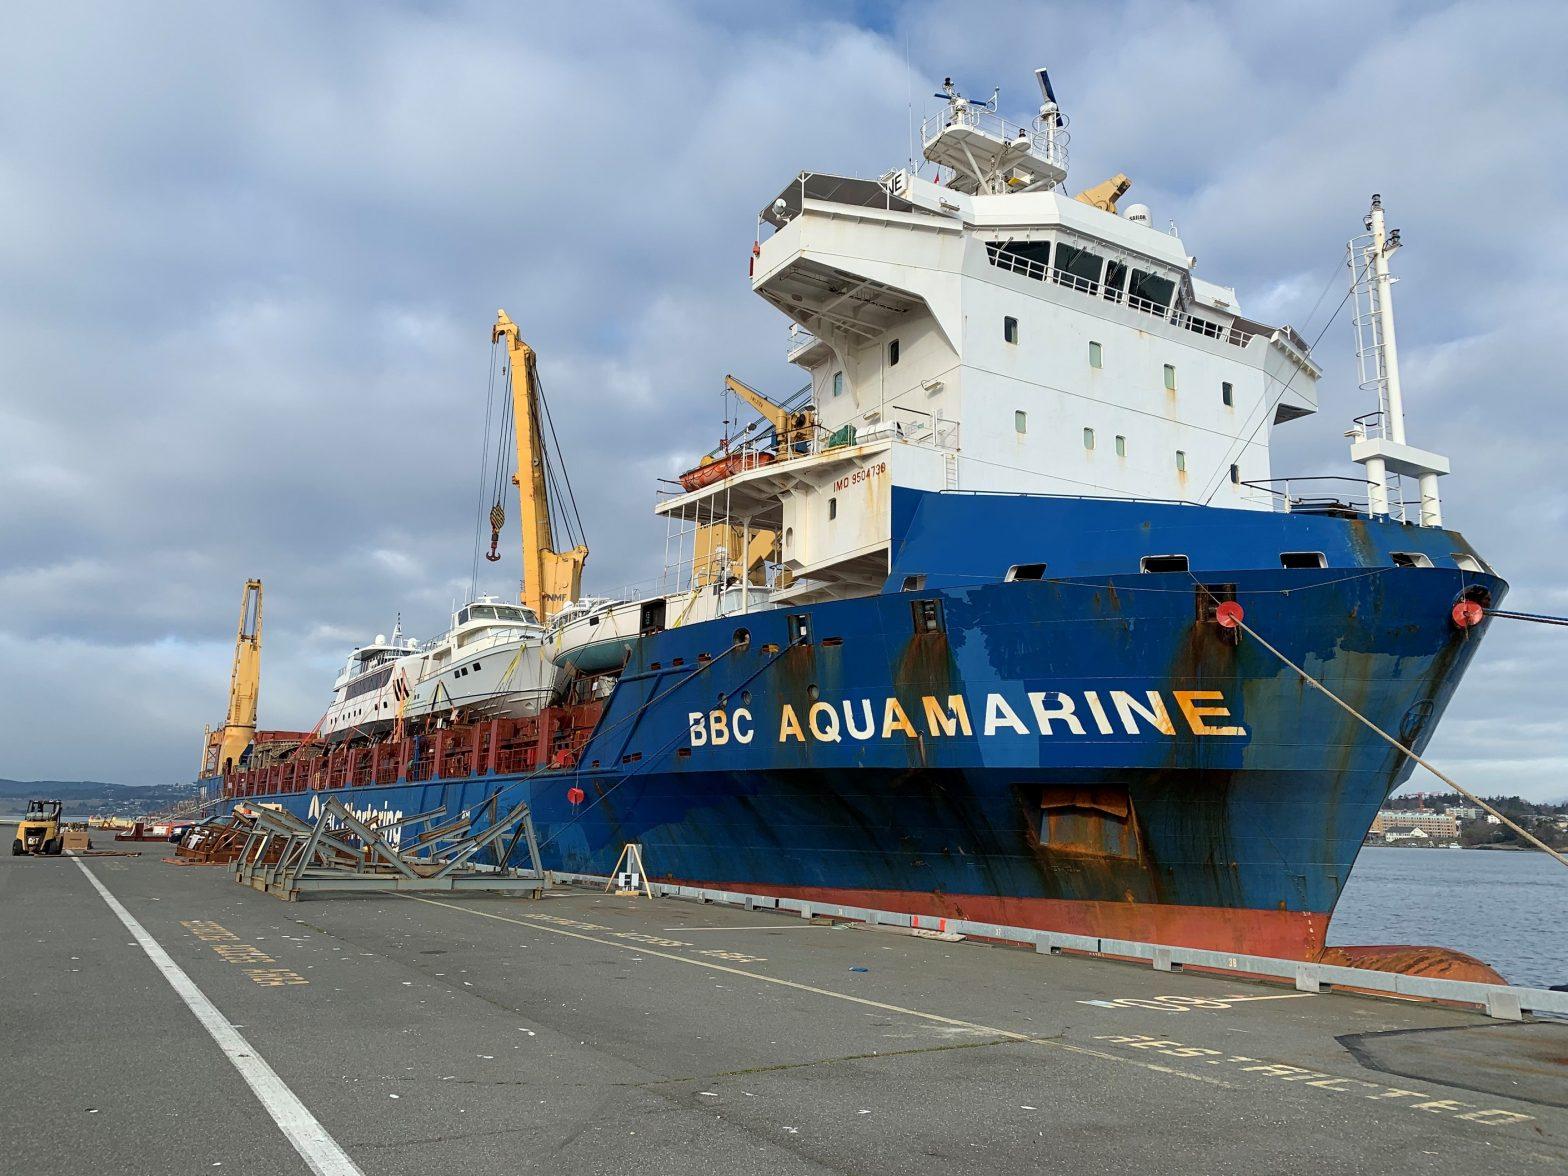 BBC Aquamarine loading yacht